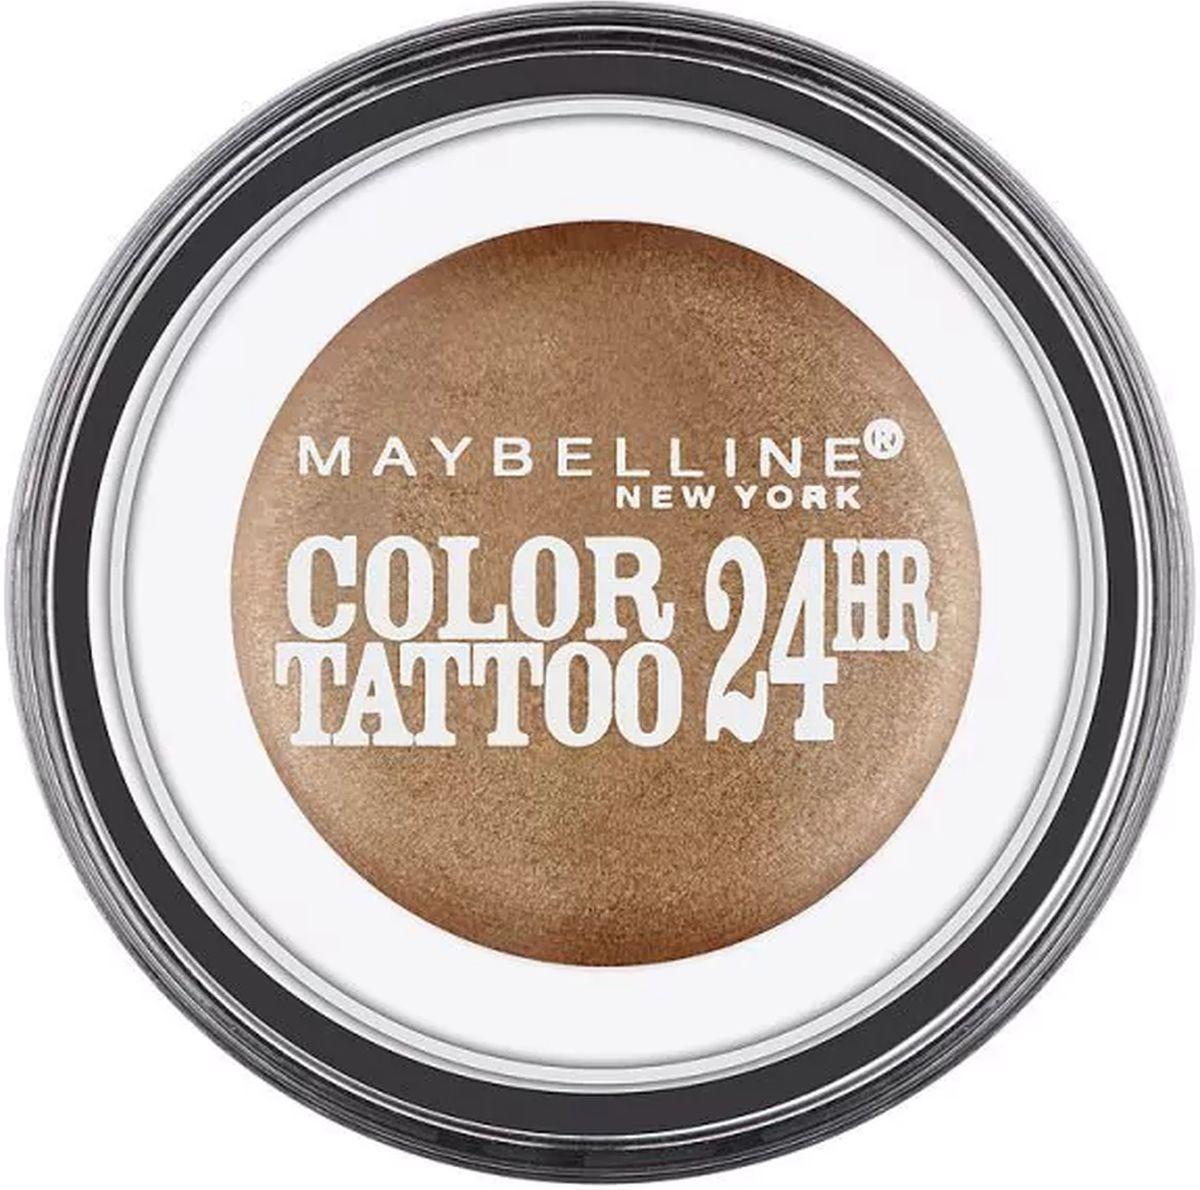 Maybelline New York Стойкие тени для век Color Tattoo 24 часа, оттенок 102 Мерцающая Фантазия, 4 млB2760600Технология тату-пигментов создает яркий, супернасыщенный цвет. Крем-гелевая текстура обеспечивает ультралегкое нанесение и стойкость на 24 часа.